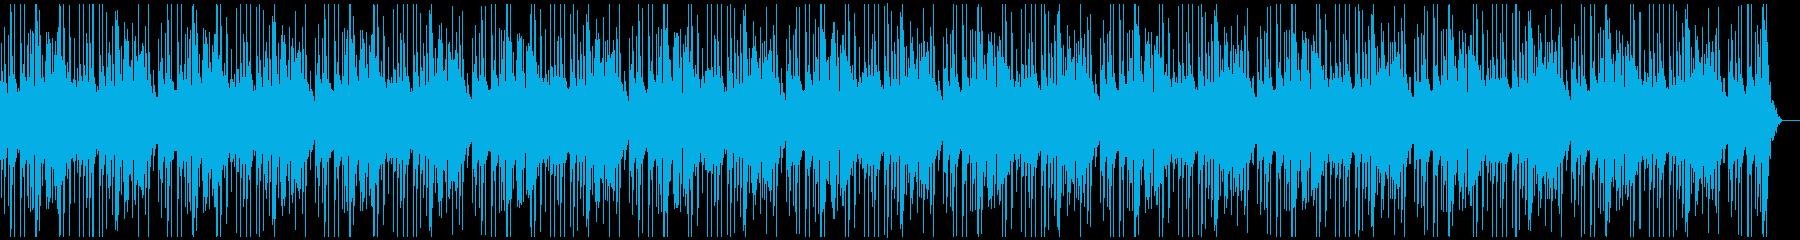 神秘・清楚で女性的な高音ピアノBGMの再生済みの波形